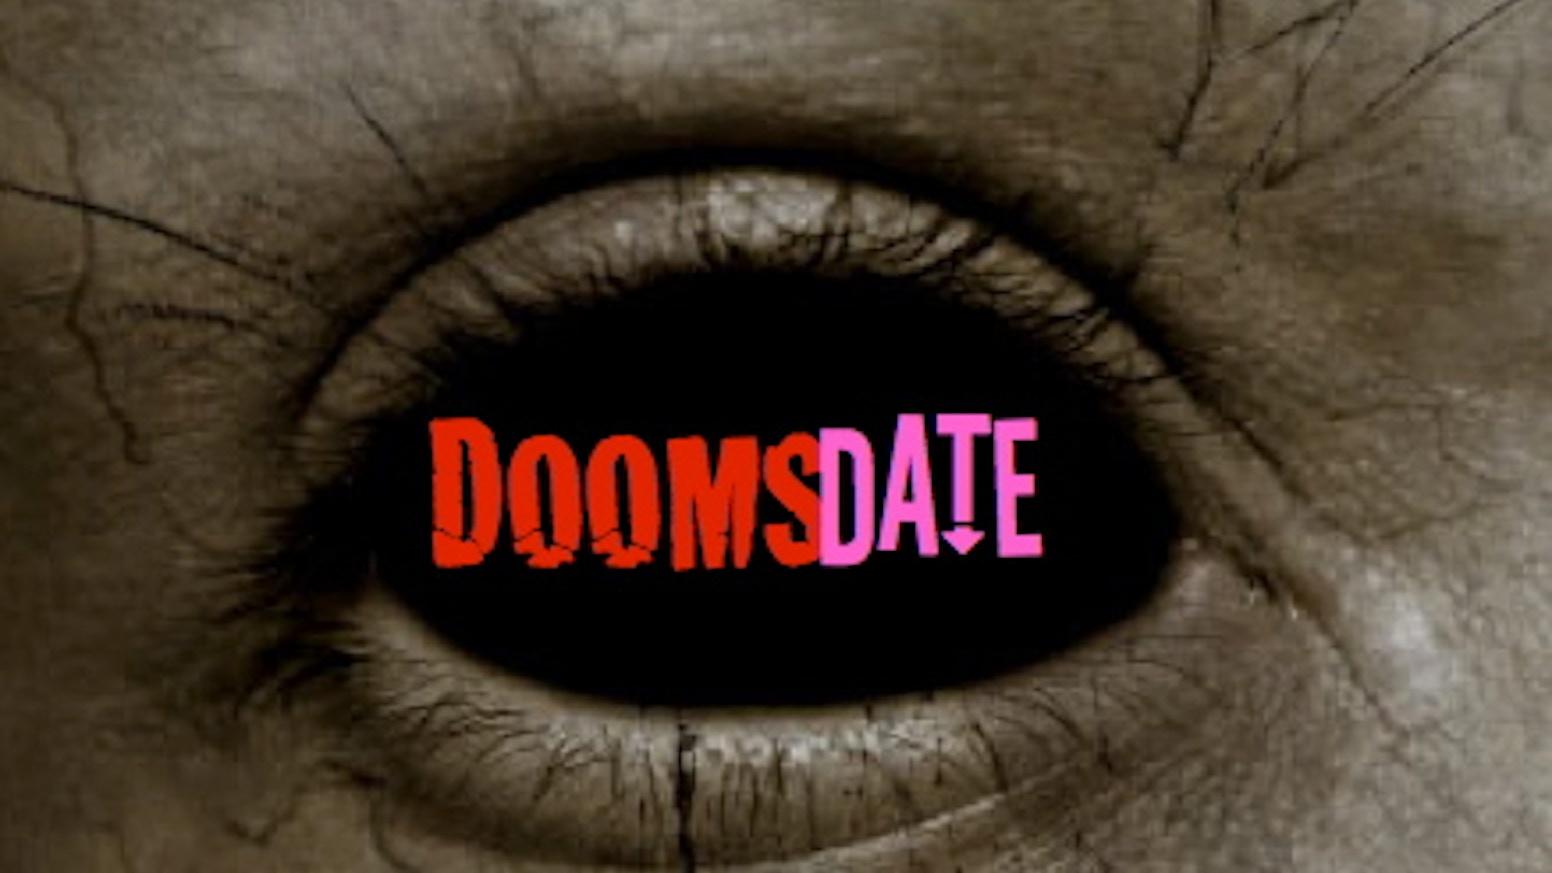 Doomsdate: The Webseries. Boy meets girl. Boy likes girl. Boy and girl fight zombies. www.doomsdateseries.com